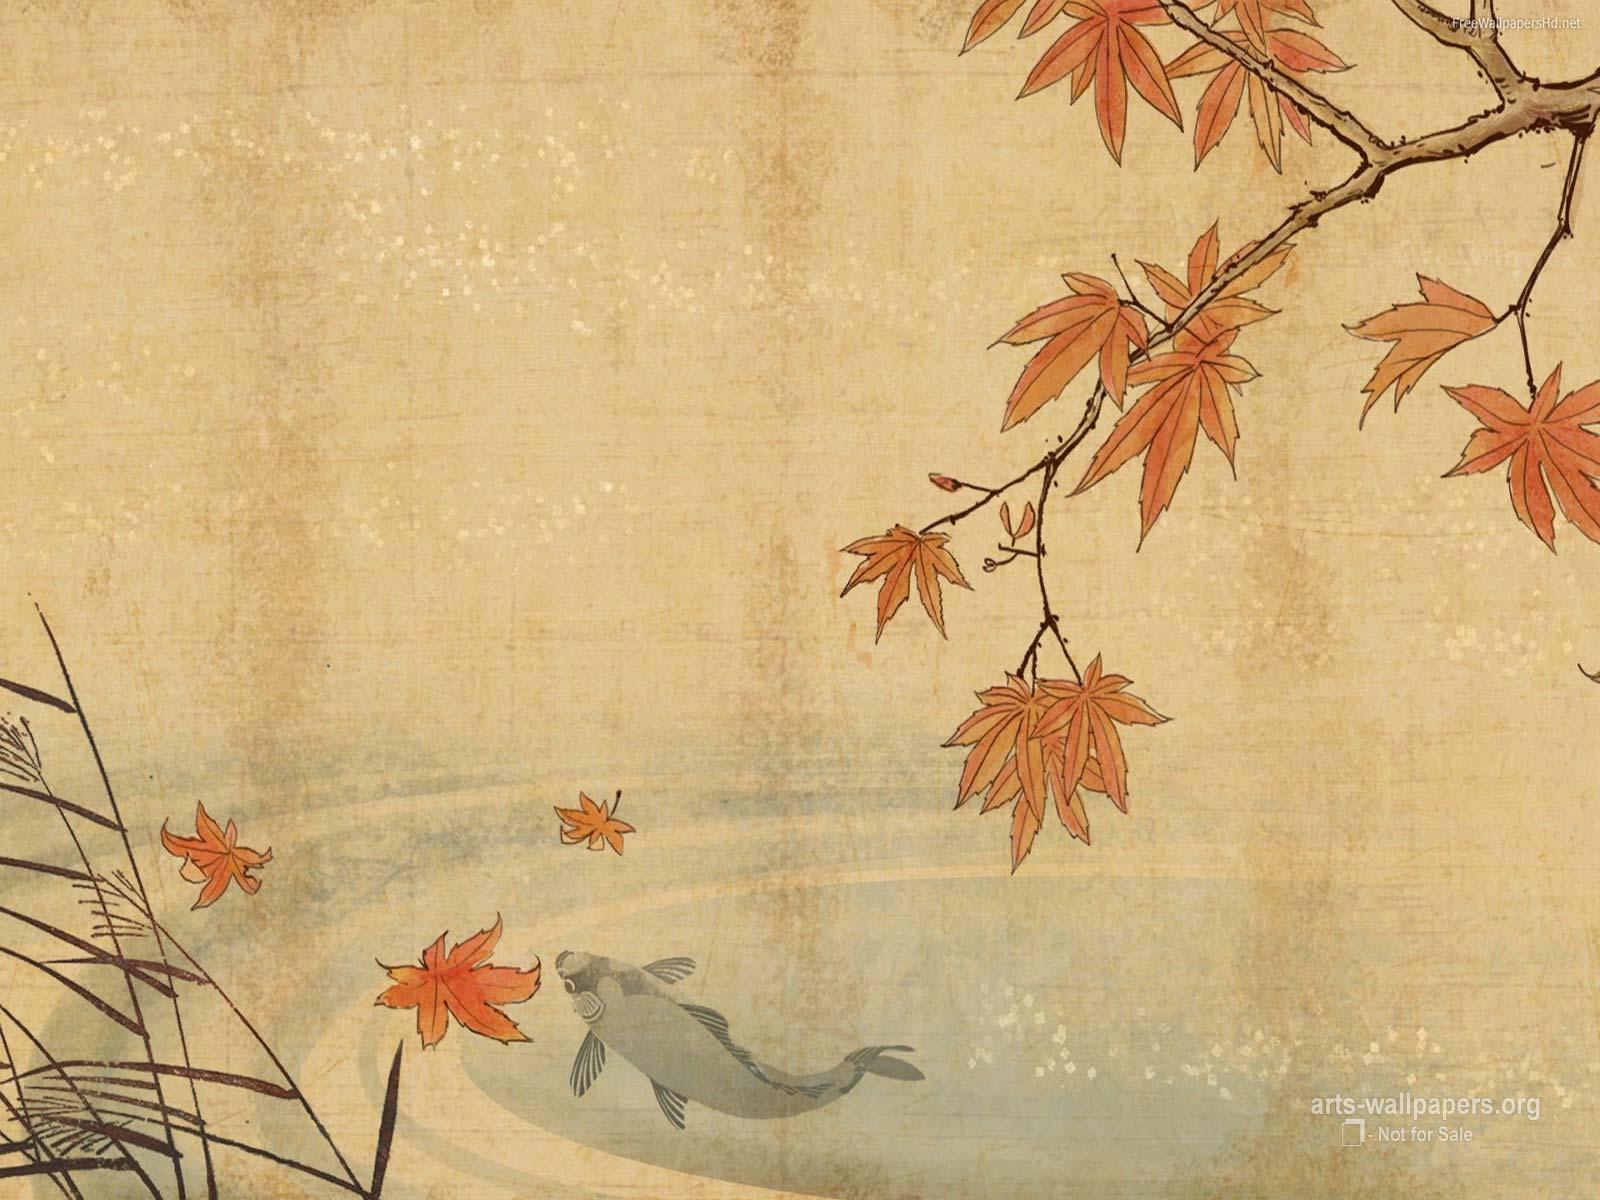 asian art wallpaper (16)